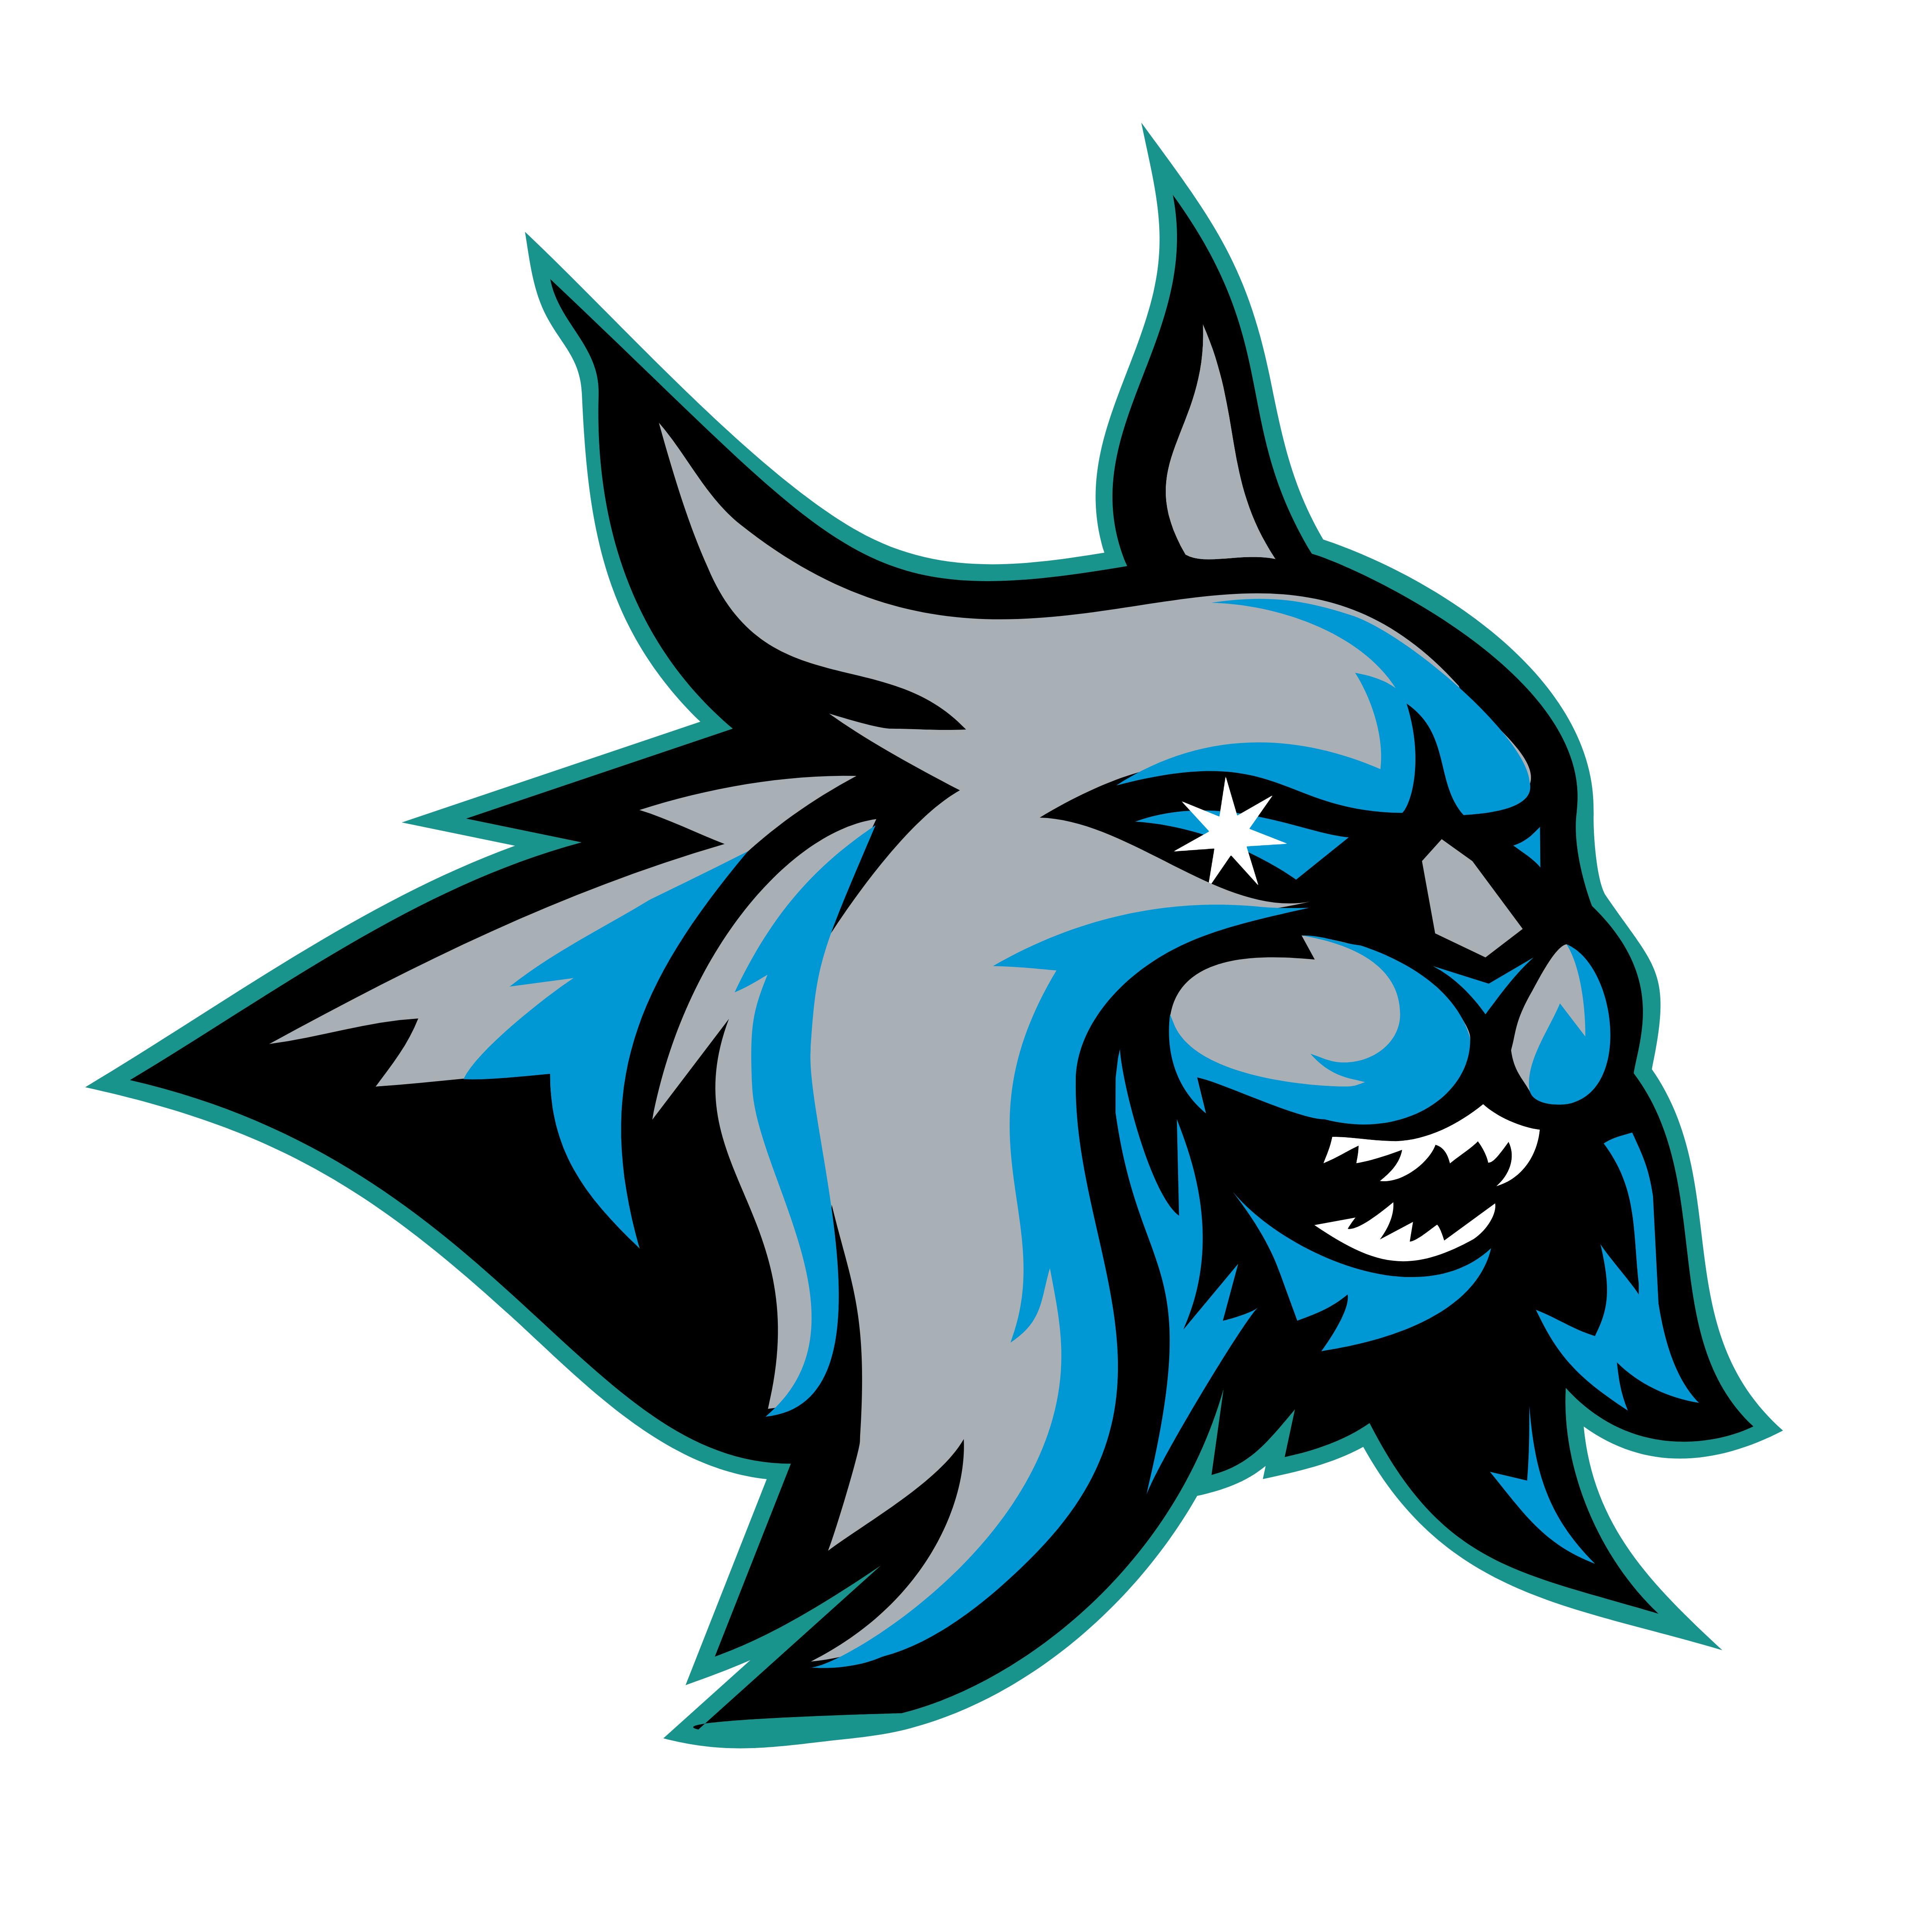 augusta lynx logos download logos download